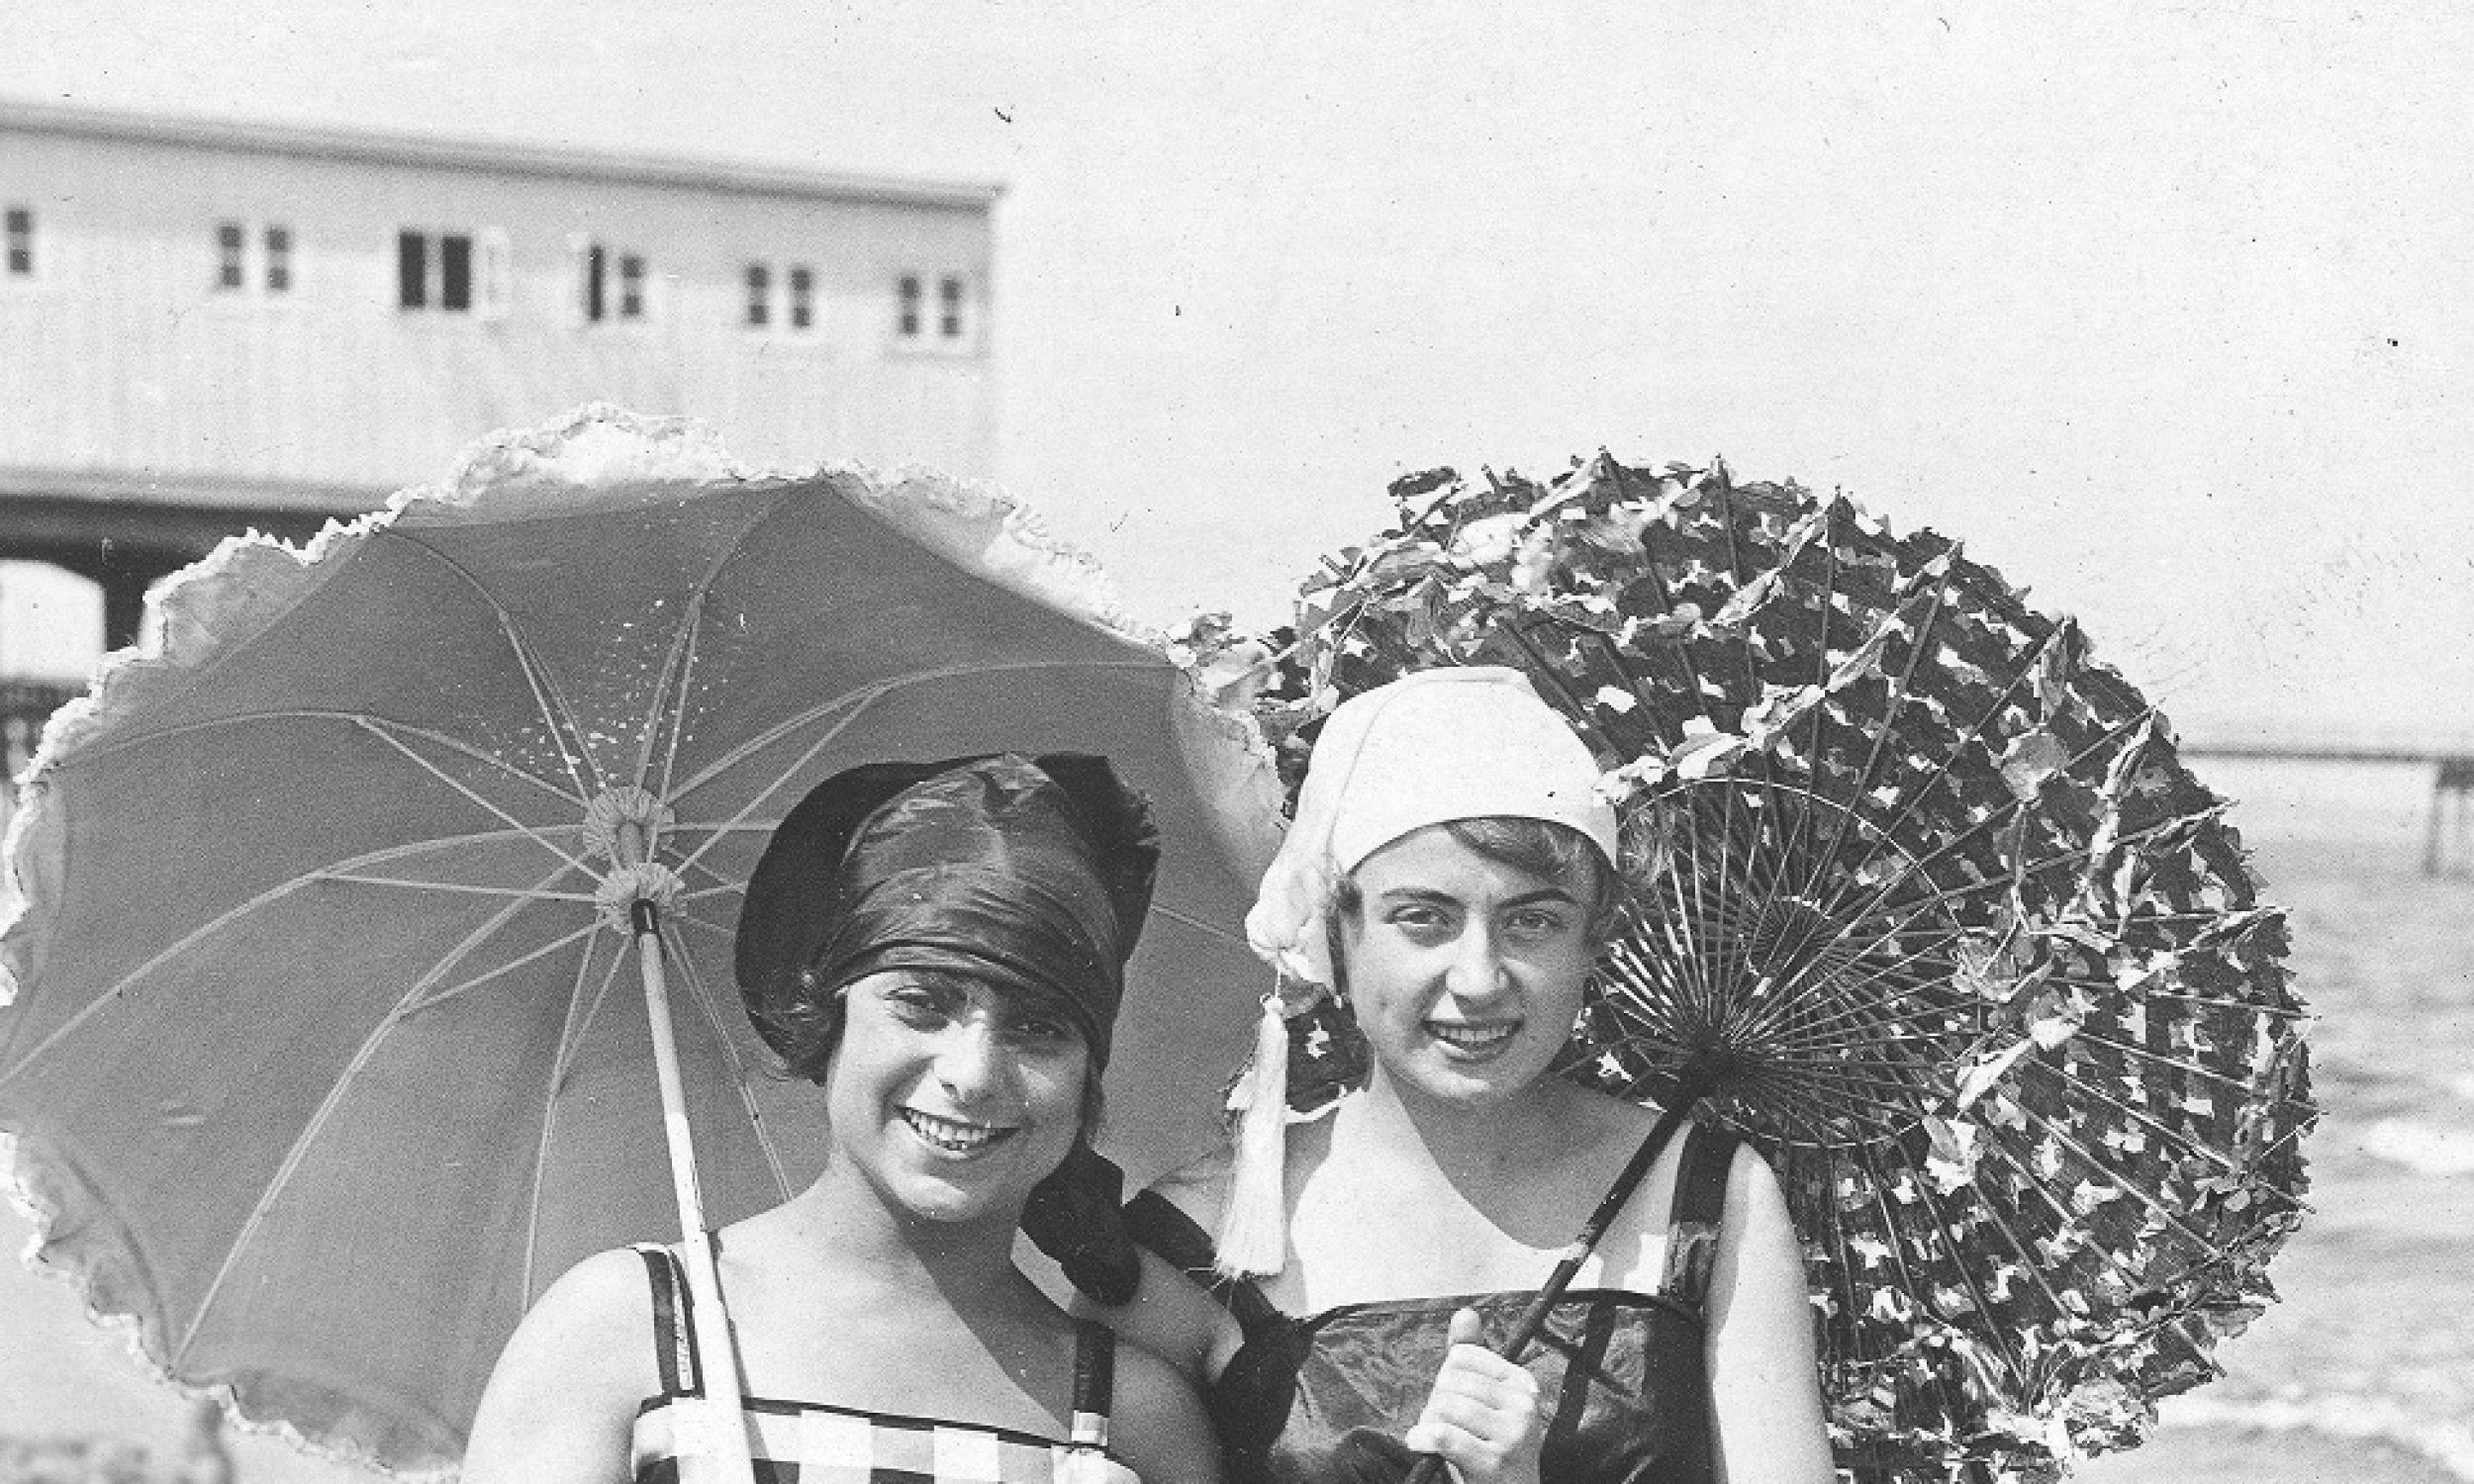 Już w latach 20. zaczęła panować moda na opalanie się. Dlatego też kostiumy ulegały ogromnej przemianie, skracały się i miały odkryte ramiona. Głowę chroniono, by nie dostać udaru a nie chronić się przed słońcem, najczęściej słomkowymi kapeluszami z dużym rondem. Zakładano także jedwabne chustki i apaszki. Niezbędnym przedmiotem na plaży były rzecz jasna parasolki, które chroniły od wiatru i udaru. Na zdjęciu kobiety spacerujące po plaży bałtyckiej. Lata 1918 – 1939. Fot NAC/IKC, sygn. 1-M-2943-9